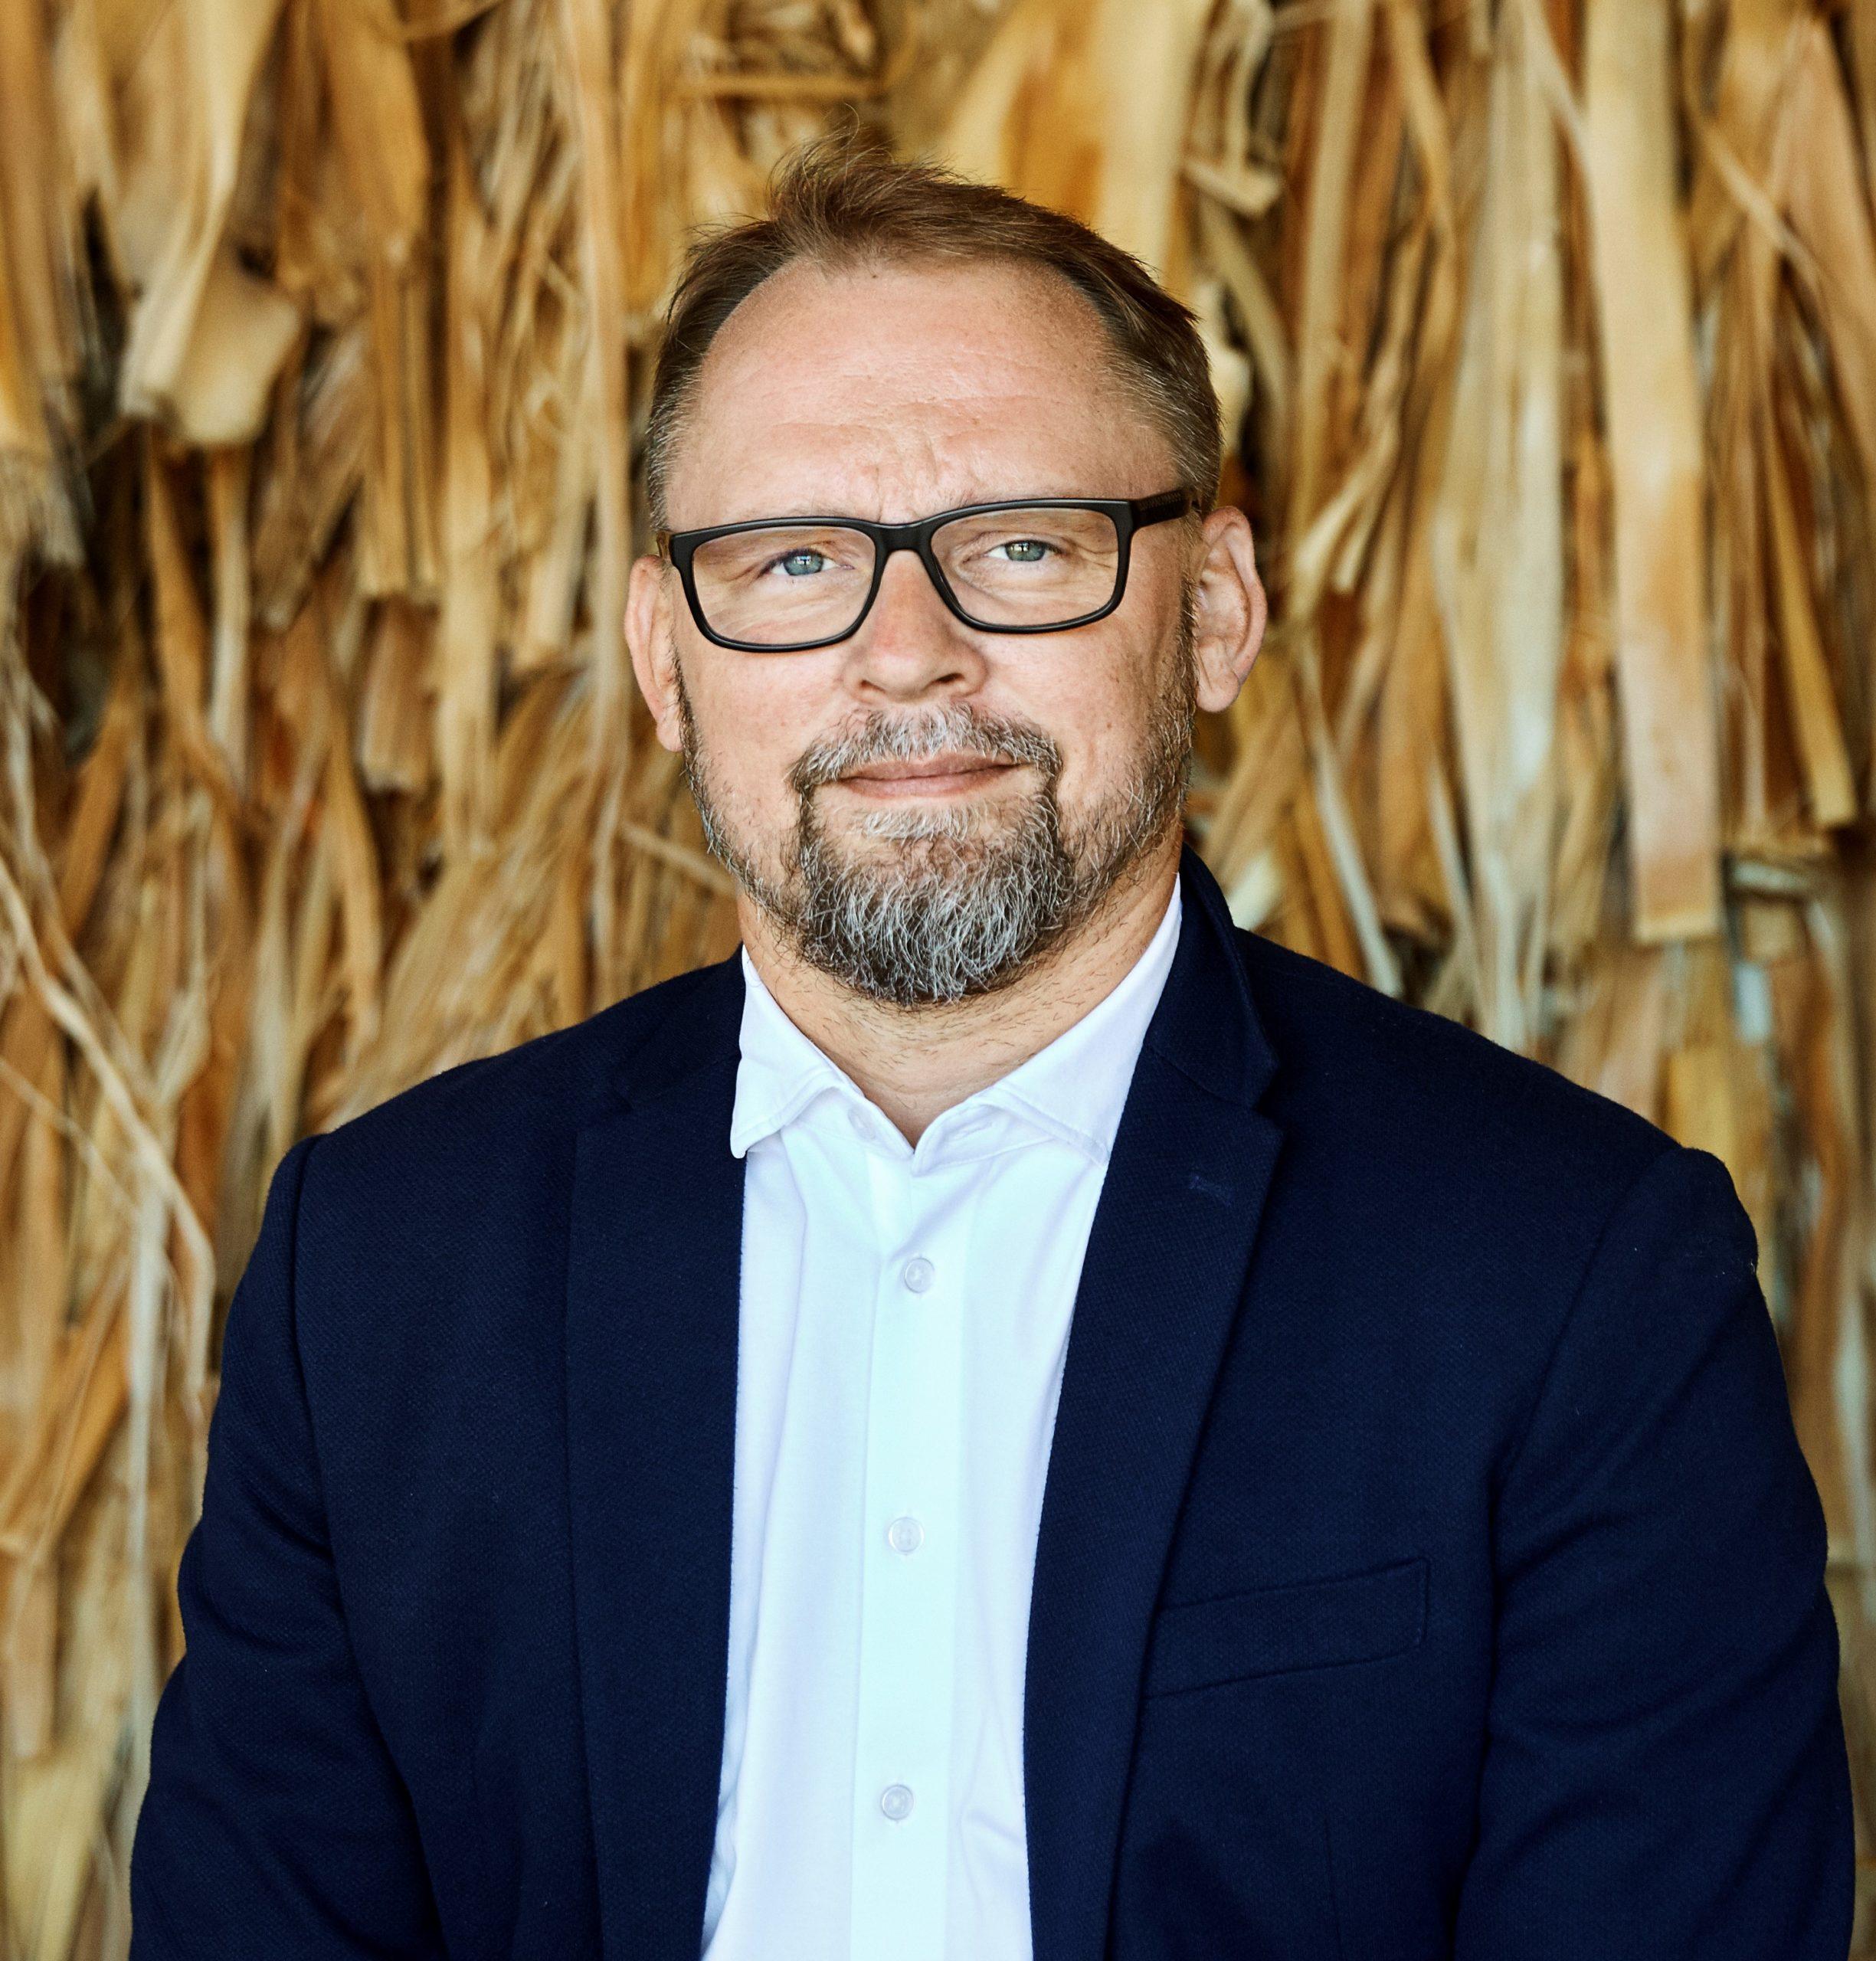 Karsten Mellon